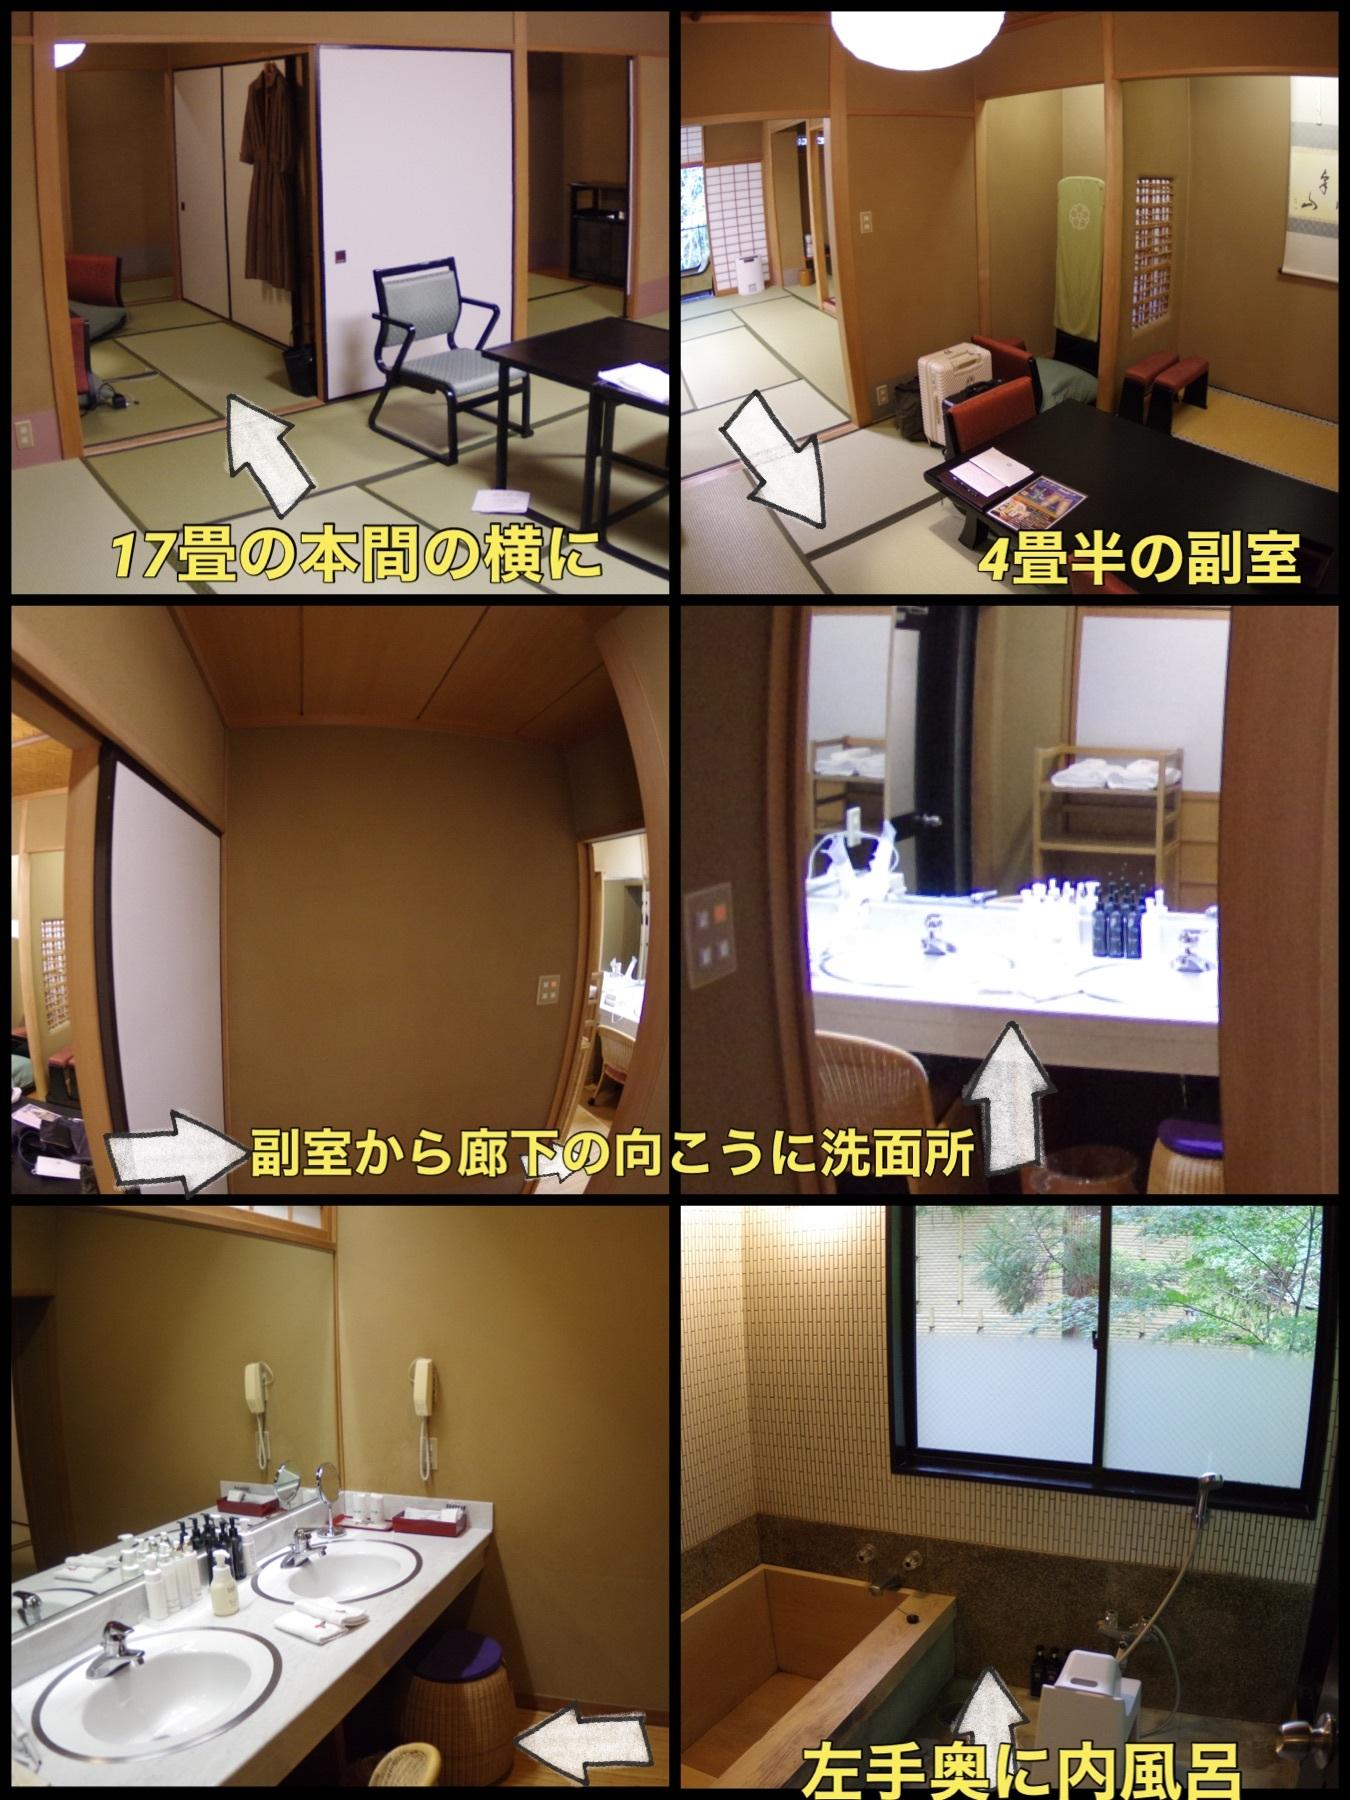 湯河原海石榴つばき 迎賓館 花富貴250号